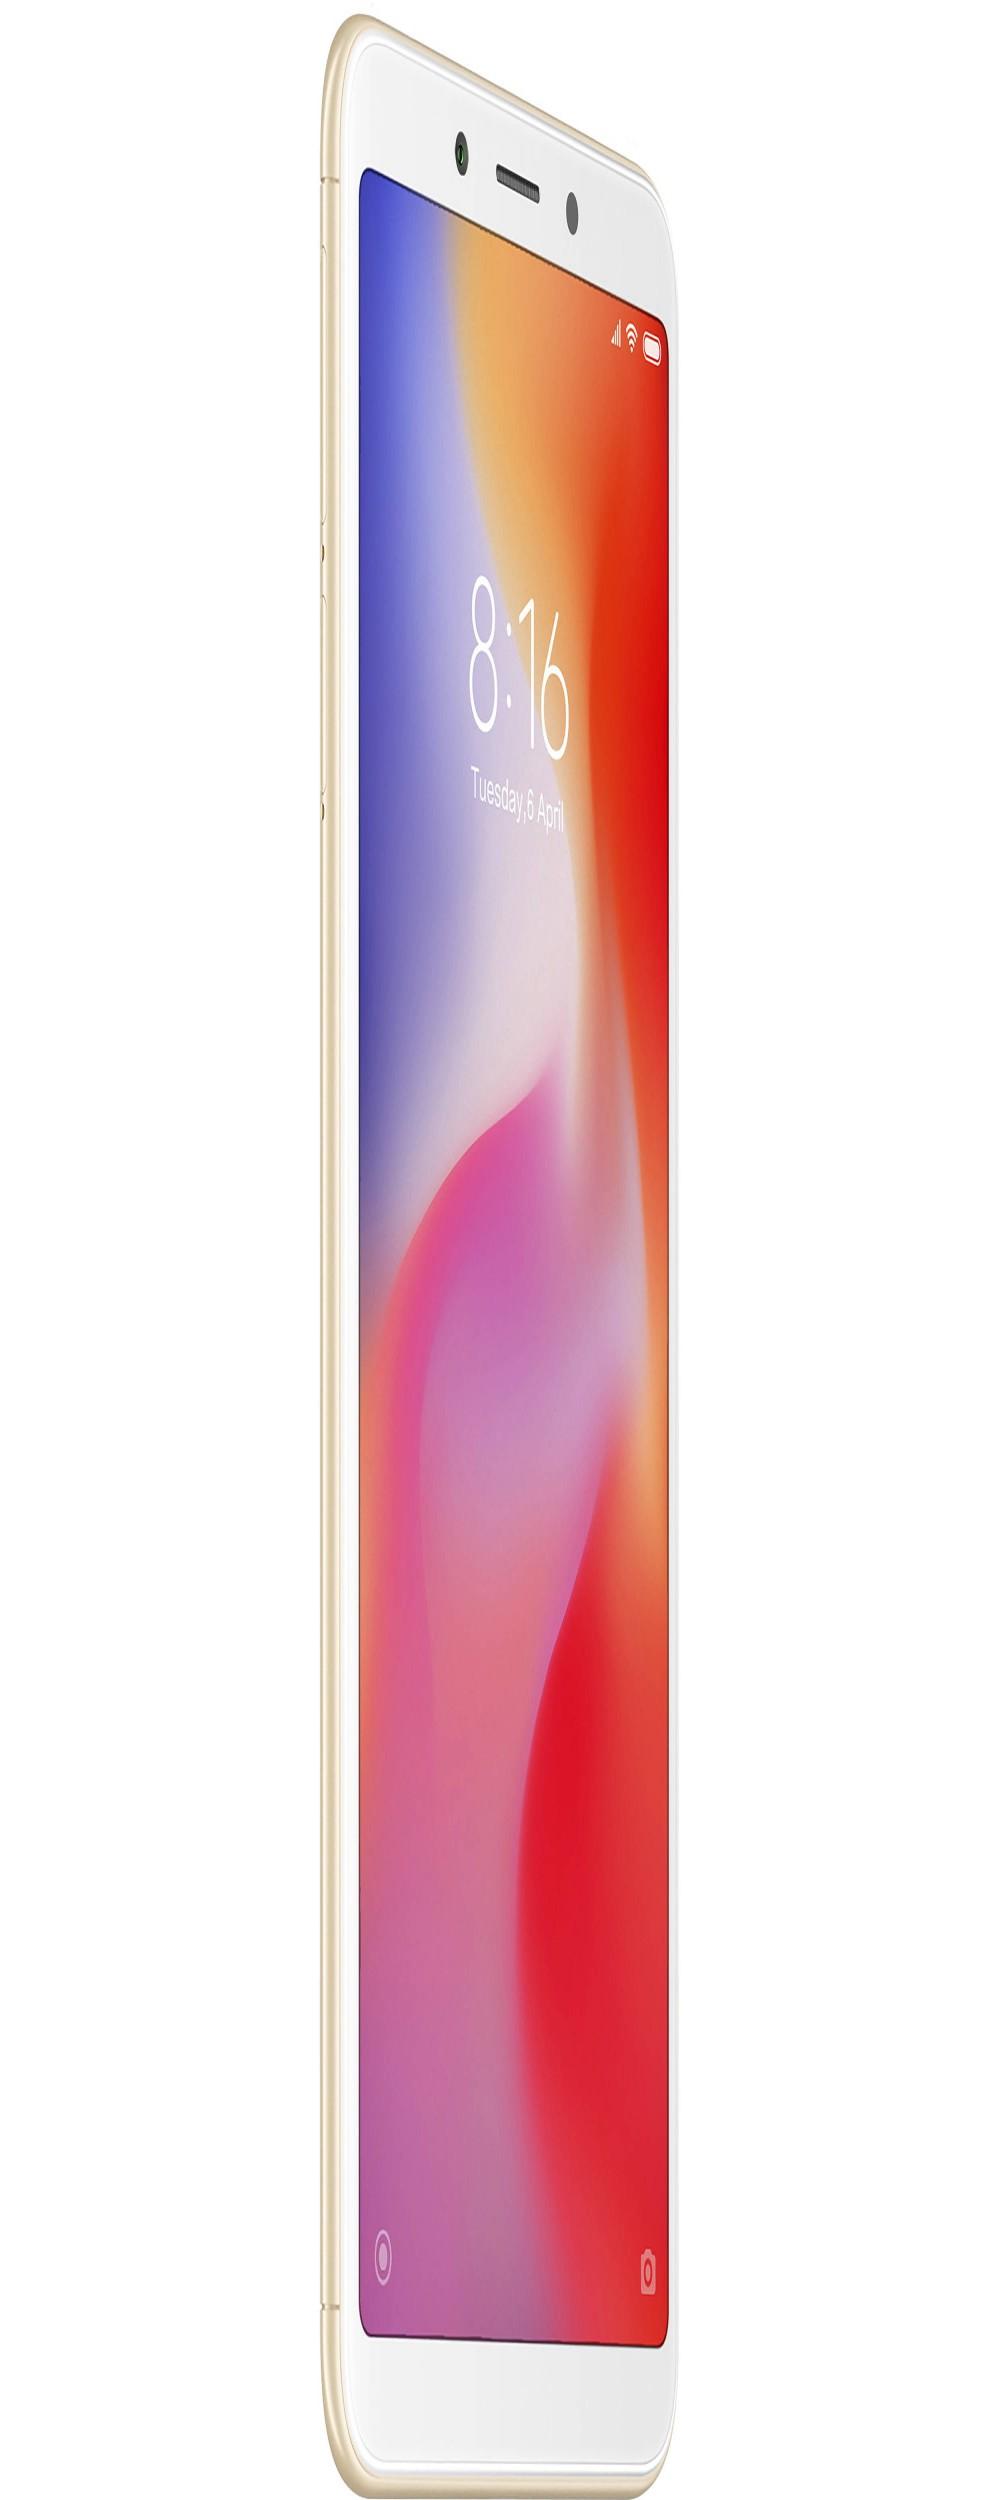 """Smartphone Xiaomi Redmi 6A Dual SIM 32GB Tela de 5.45"""" 13MP/5MP OS 8.1.0 - Dourado"""